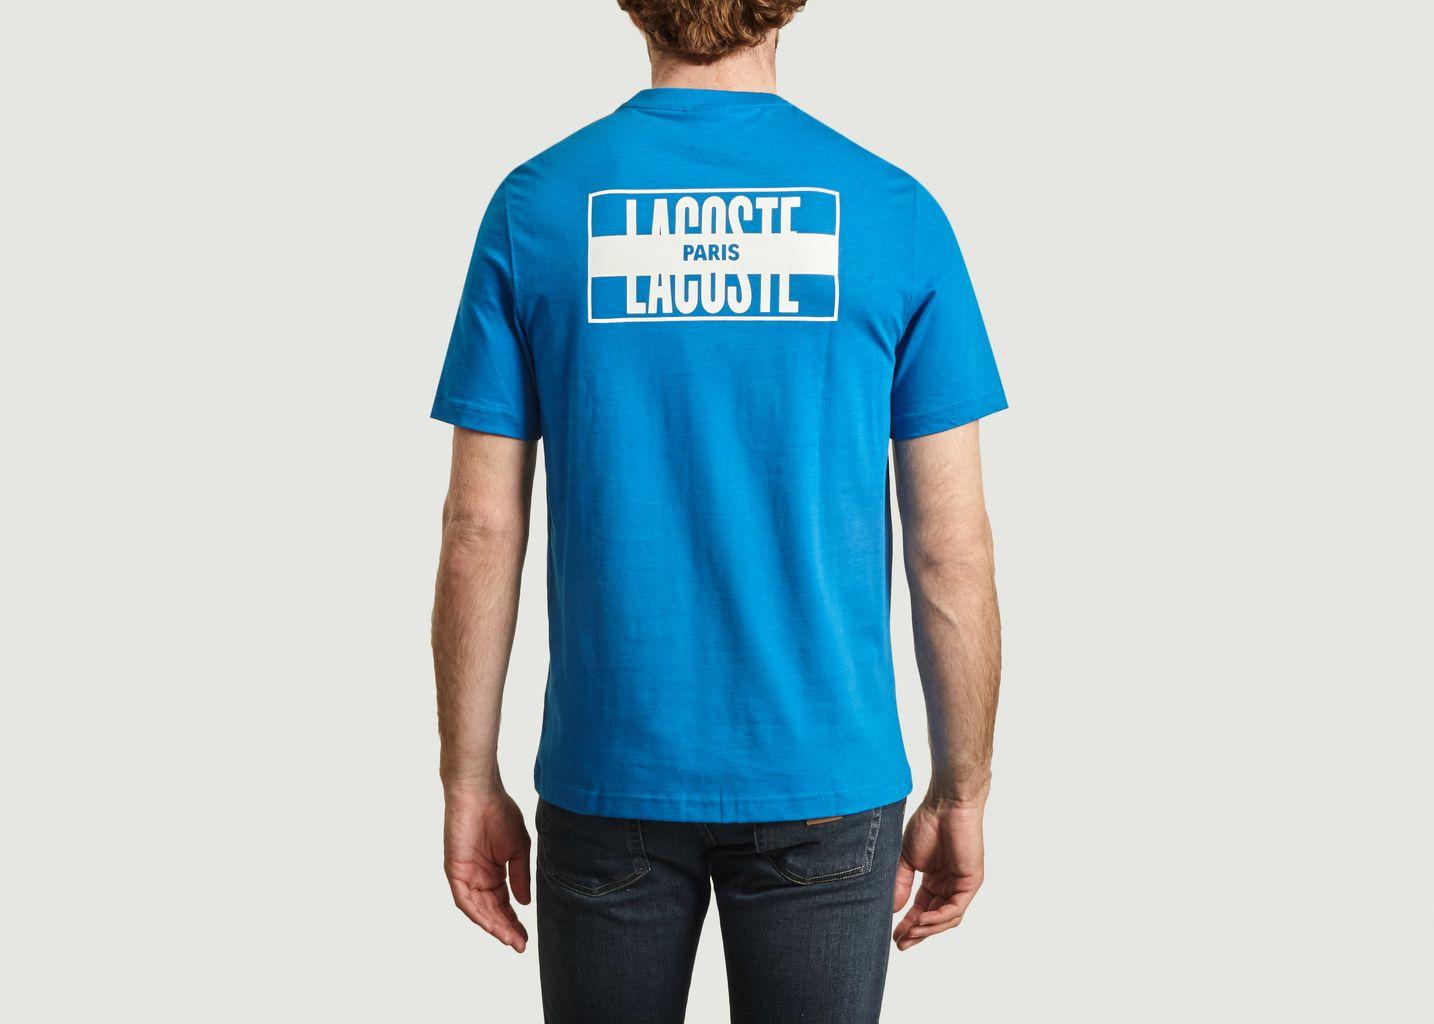 T-shirt en coton avec imprimé logotypé au dos - Lacoste Live